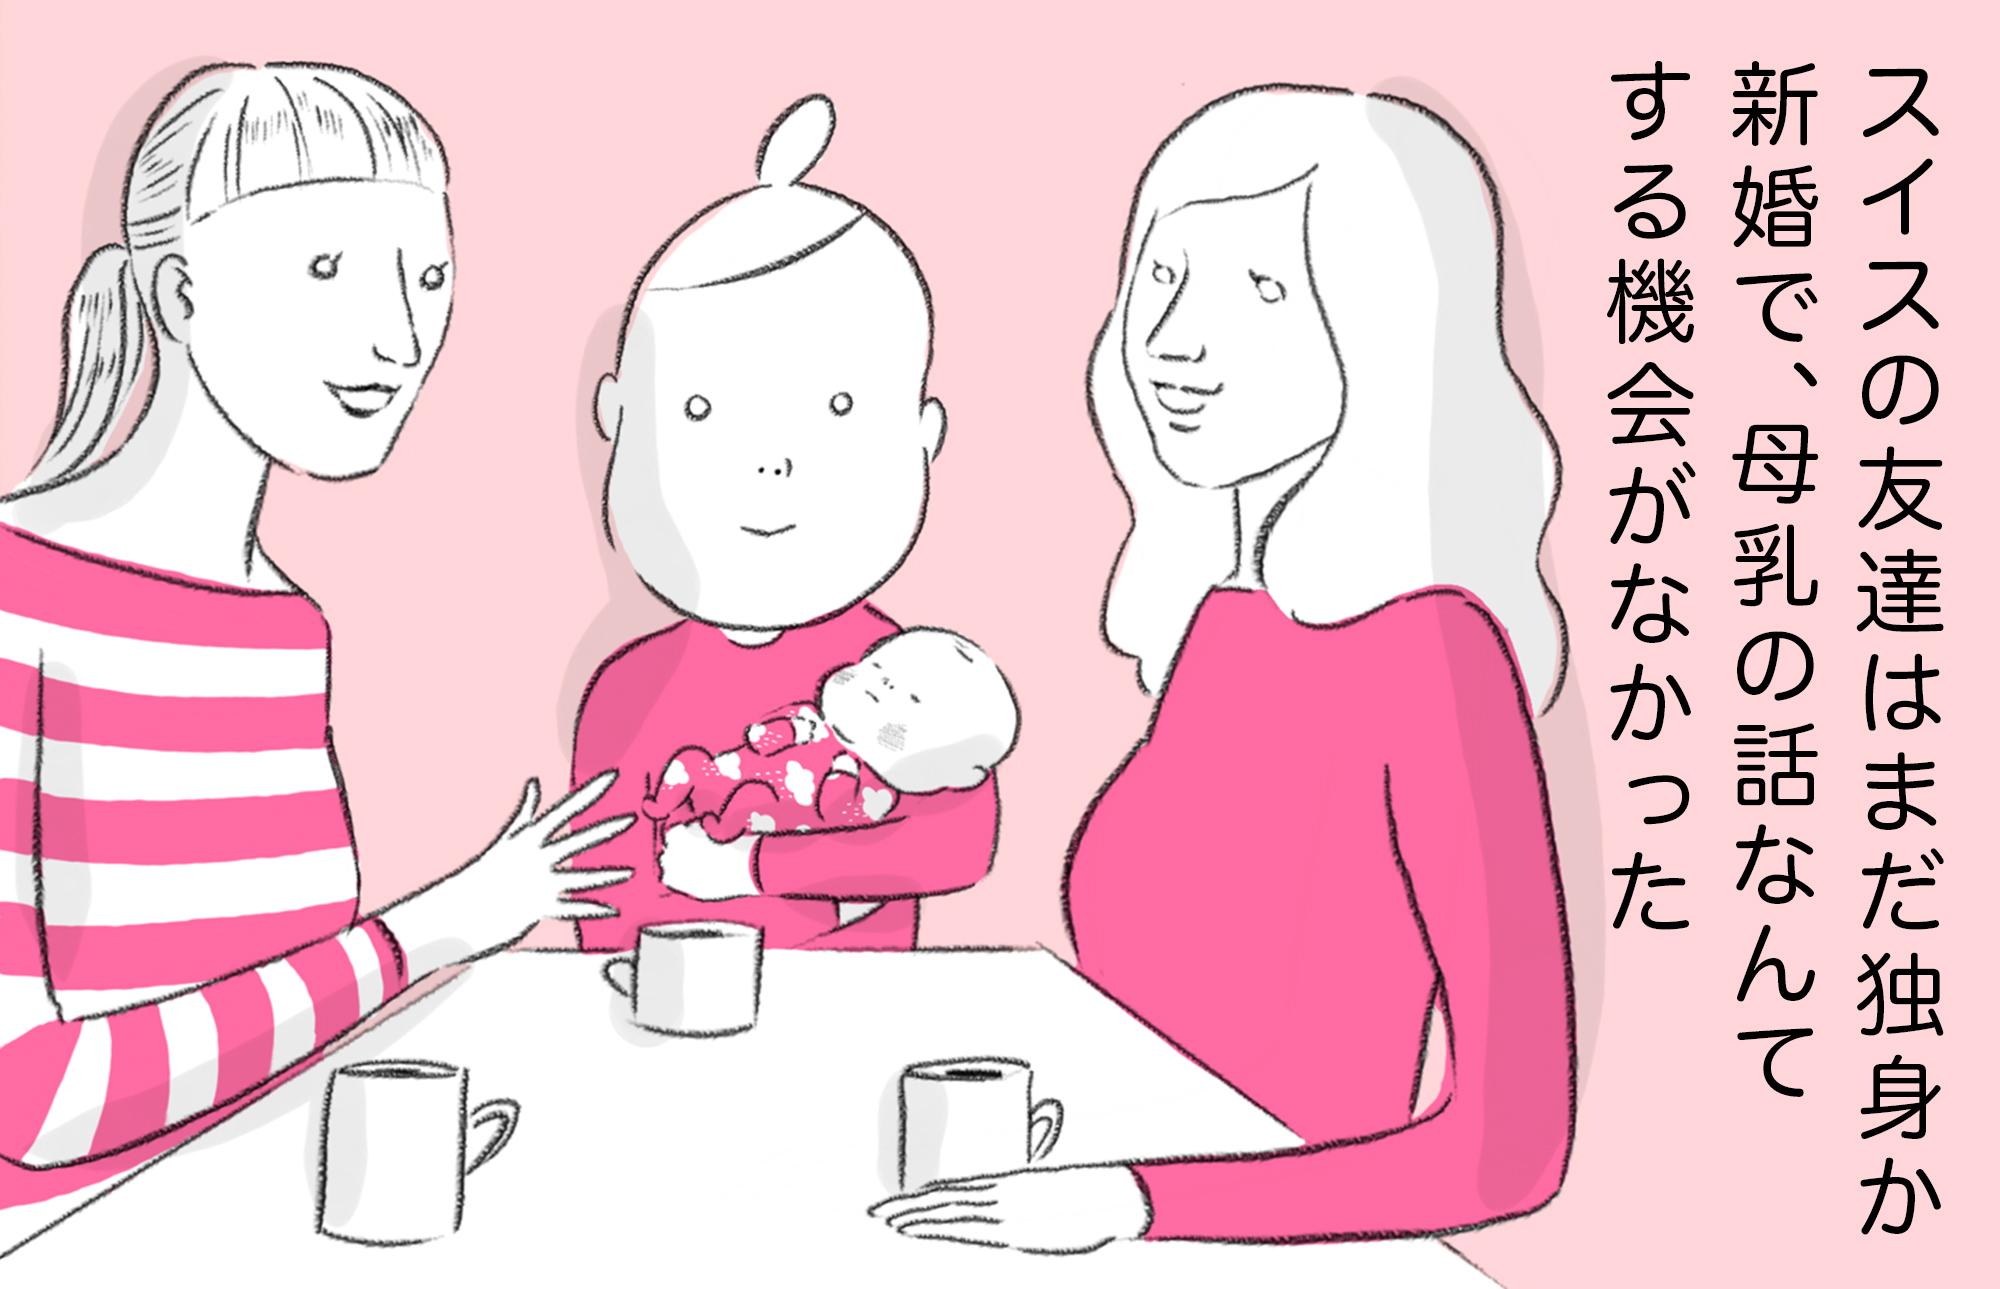 スイス・アルプスの麓でのほほん育児《1》出産。日本が恋しい…